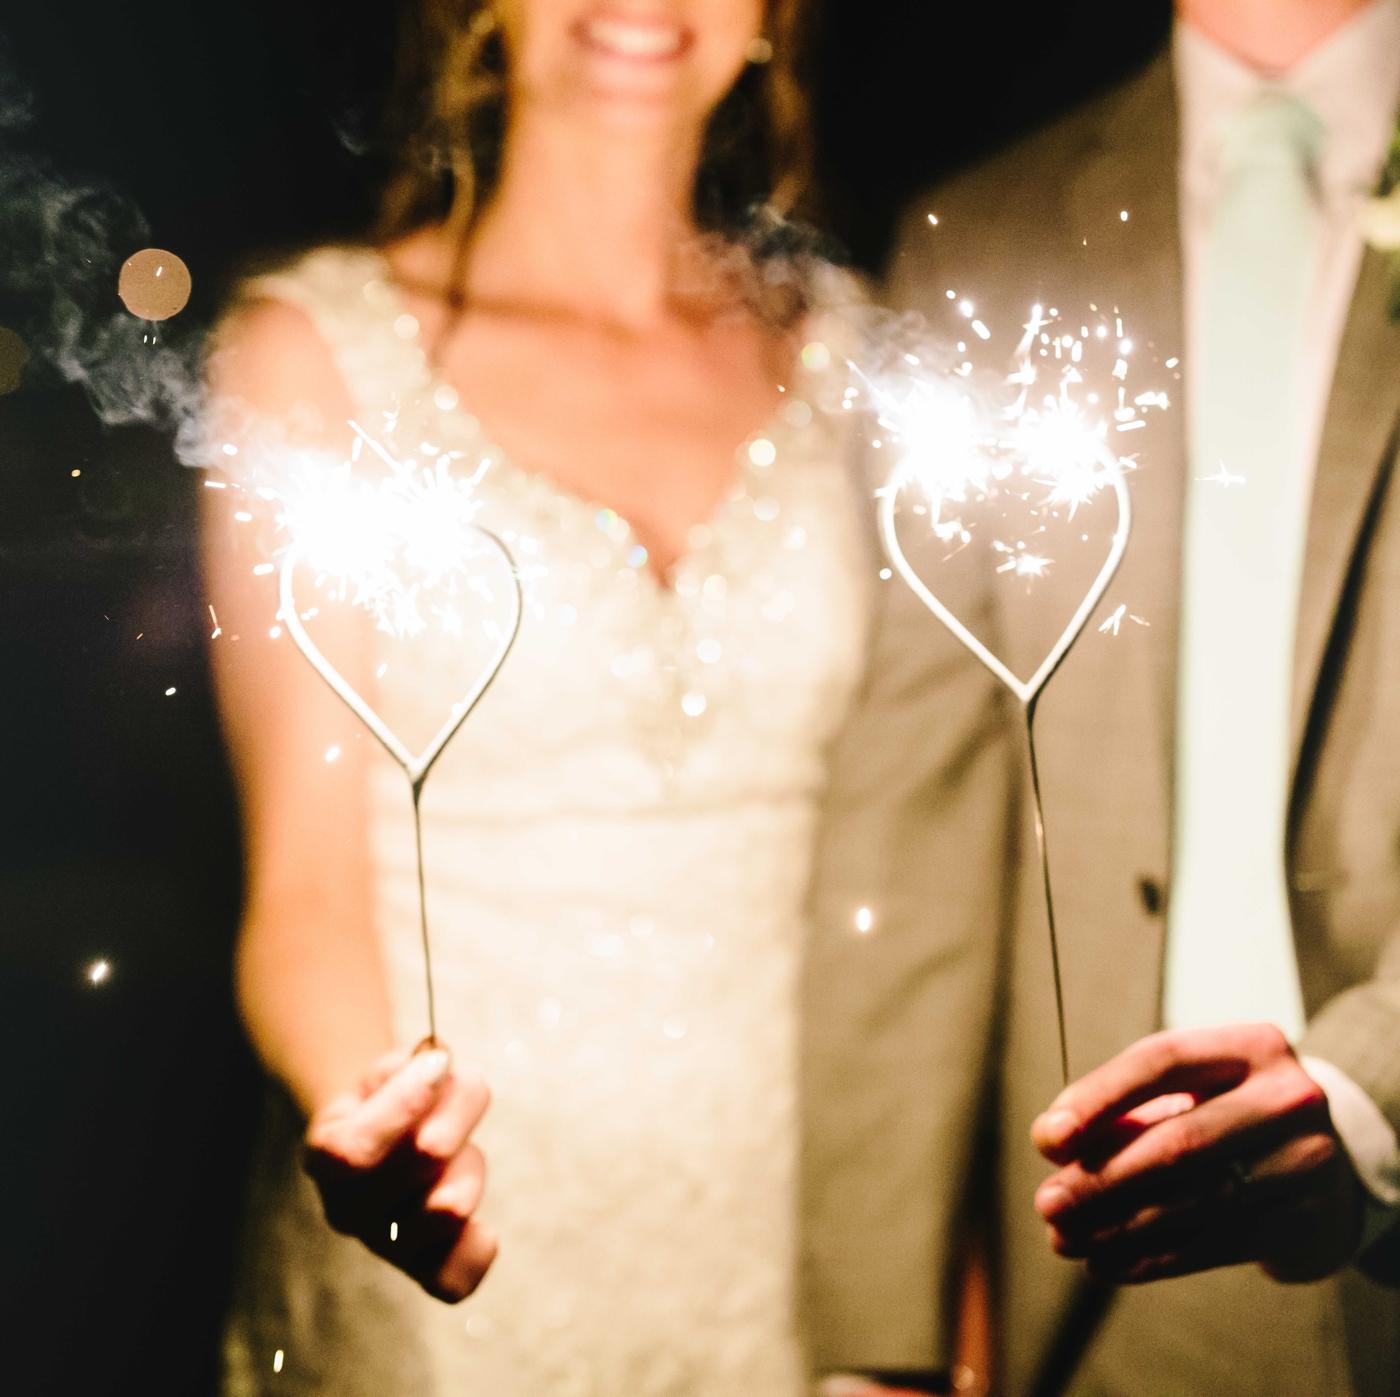 chicago-fine-art-wedding-photography-stewart44